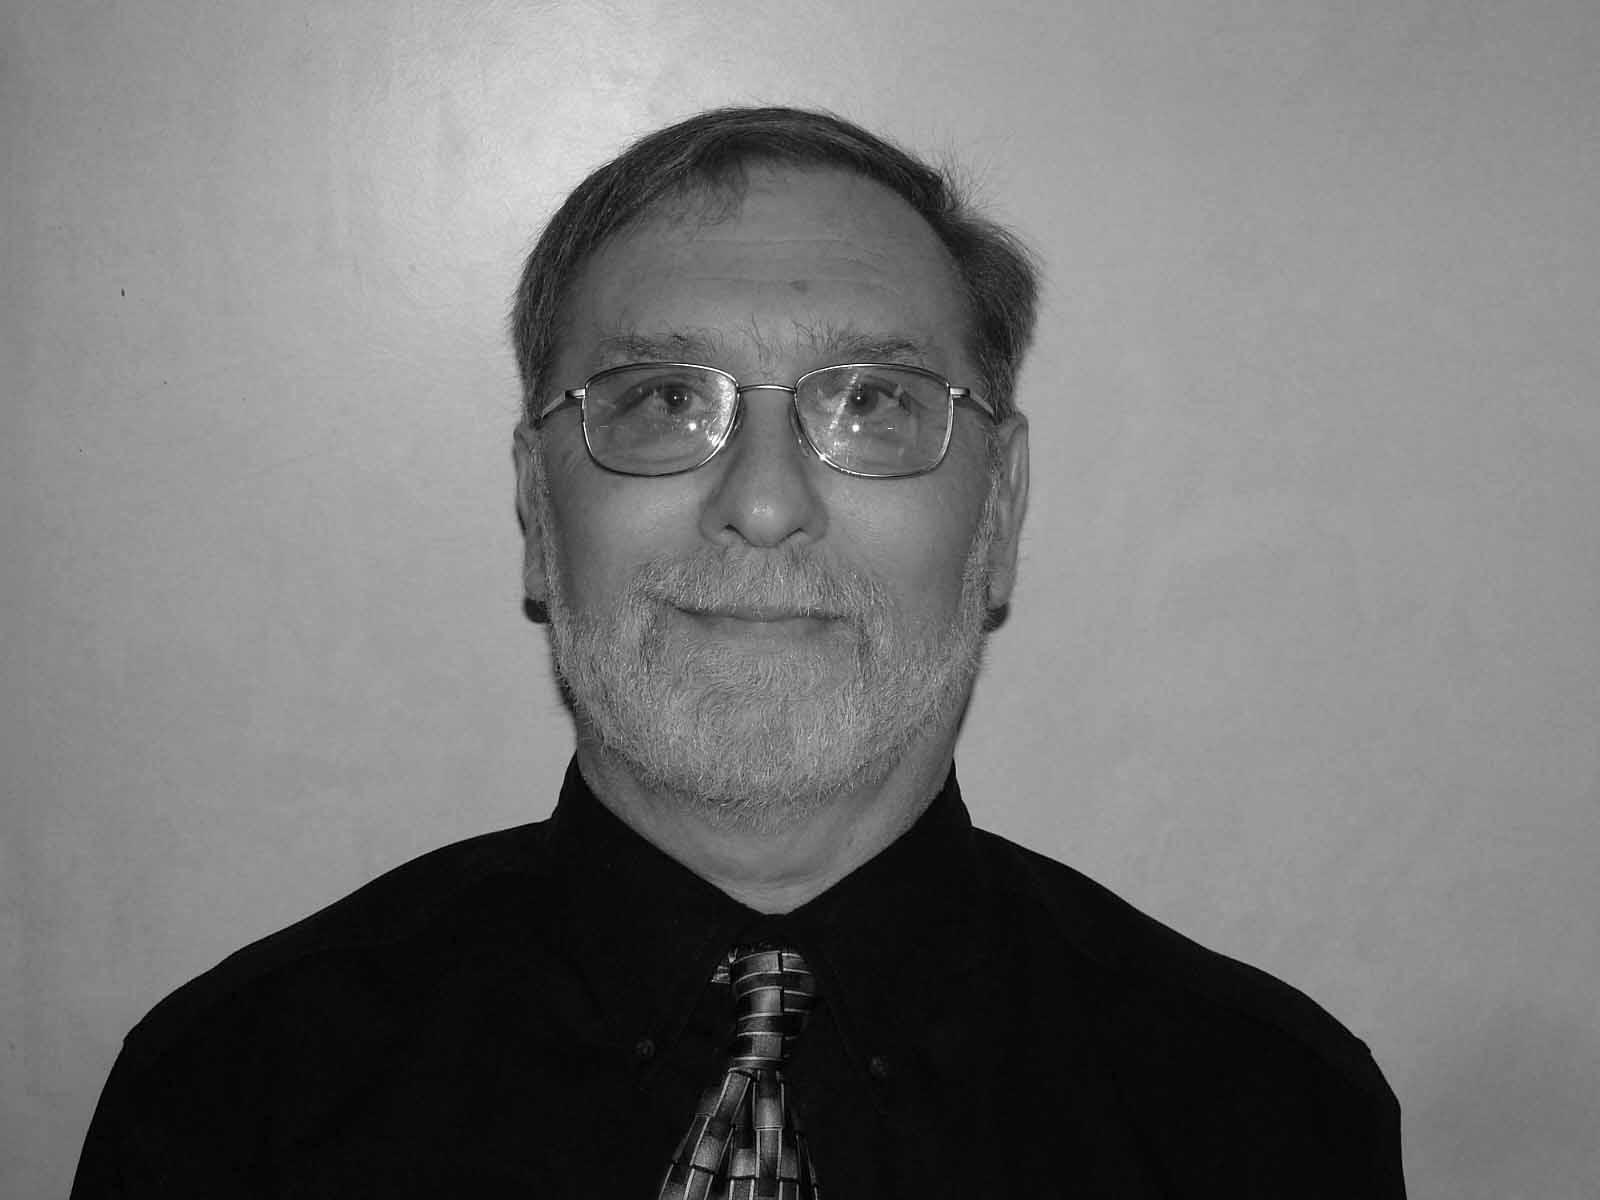 David S. Osterman, PLLC